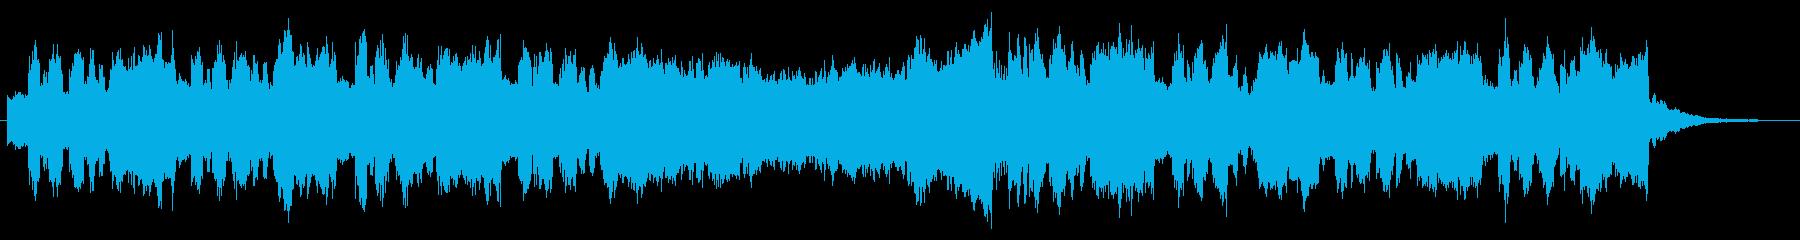 ファンファーレチックなシンセブラスの再生済みの波形